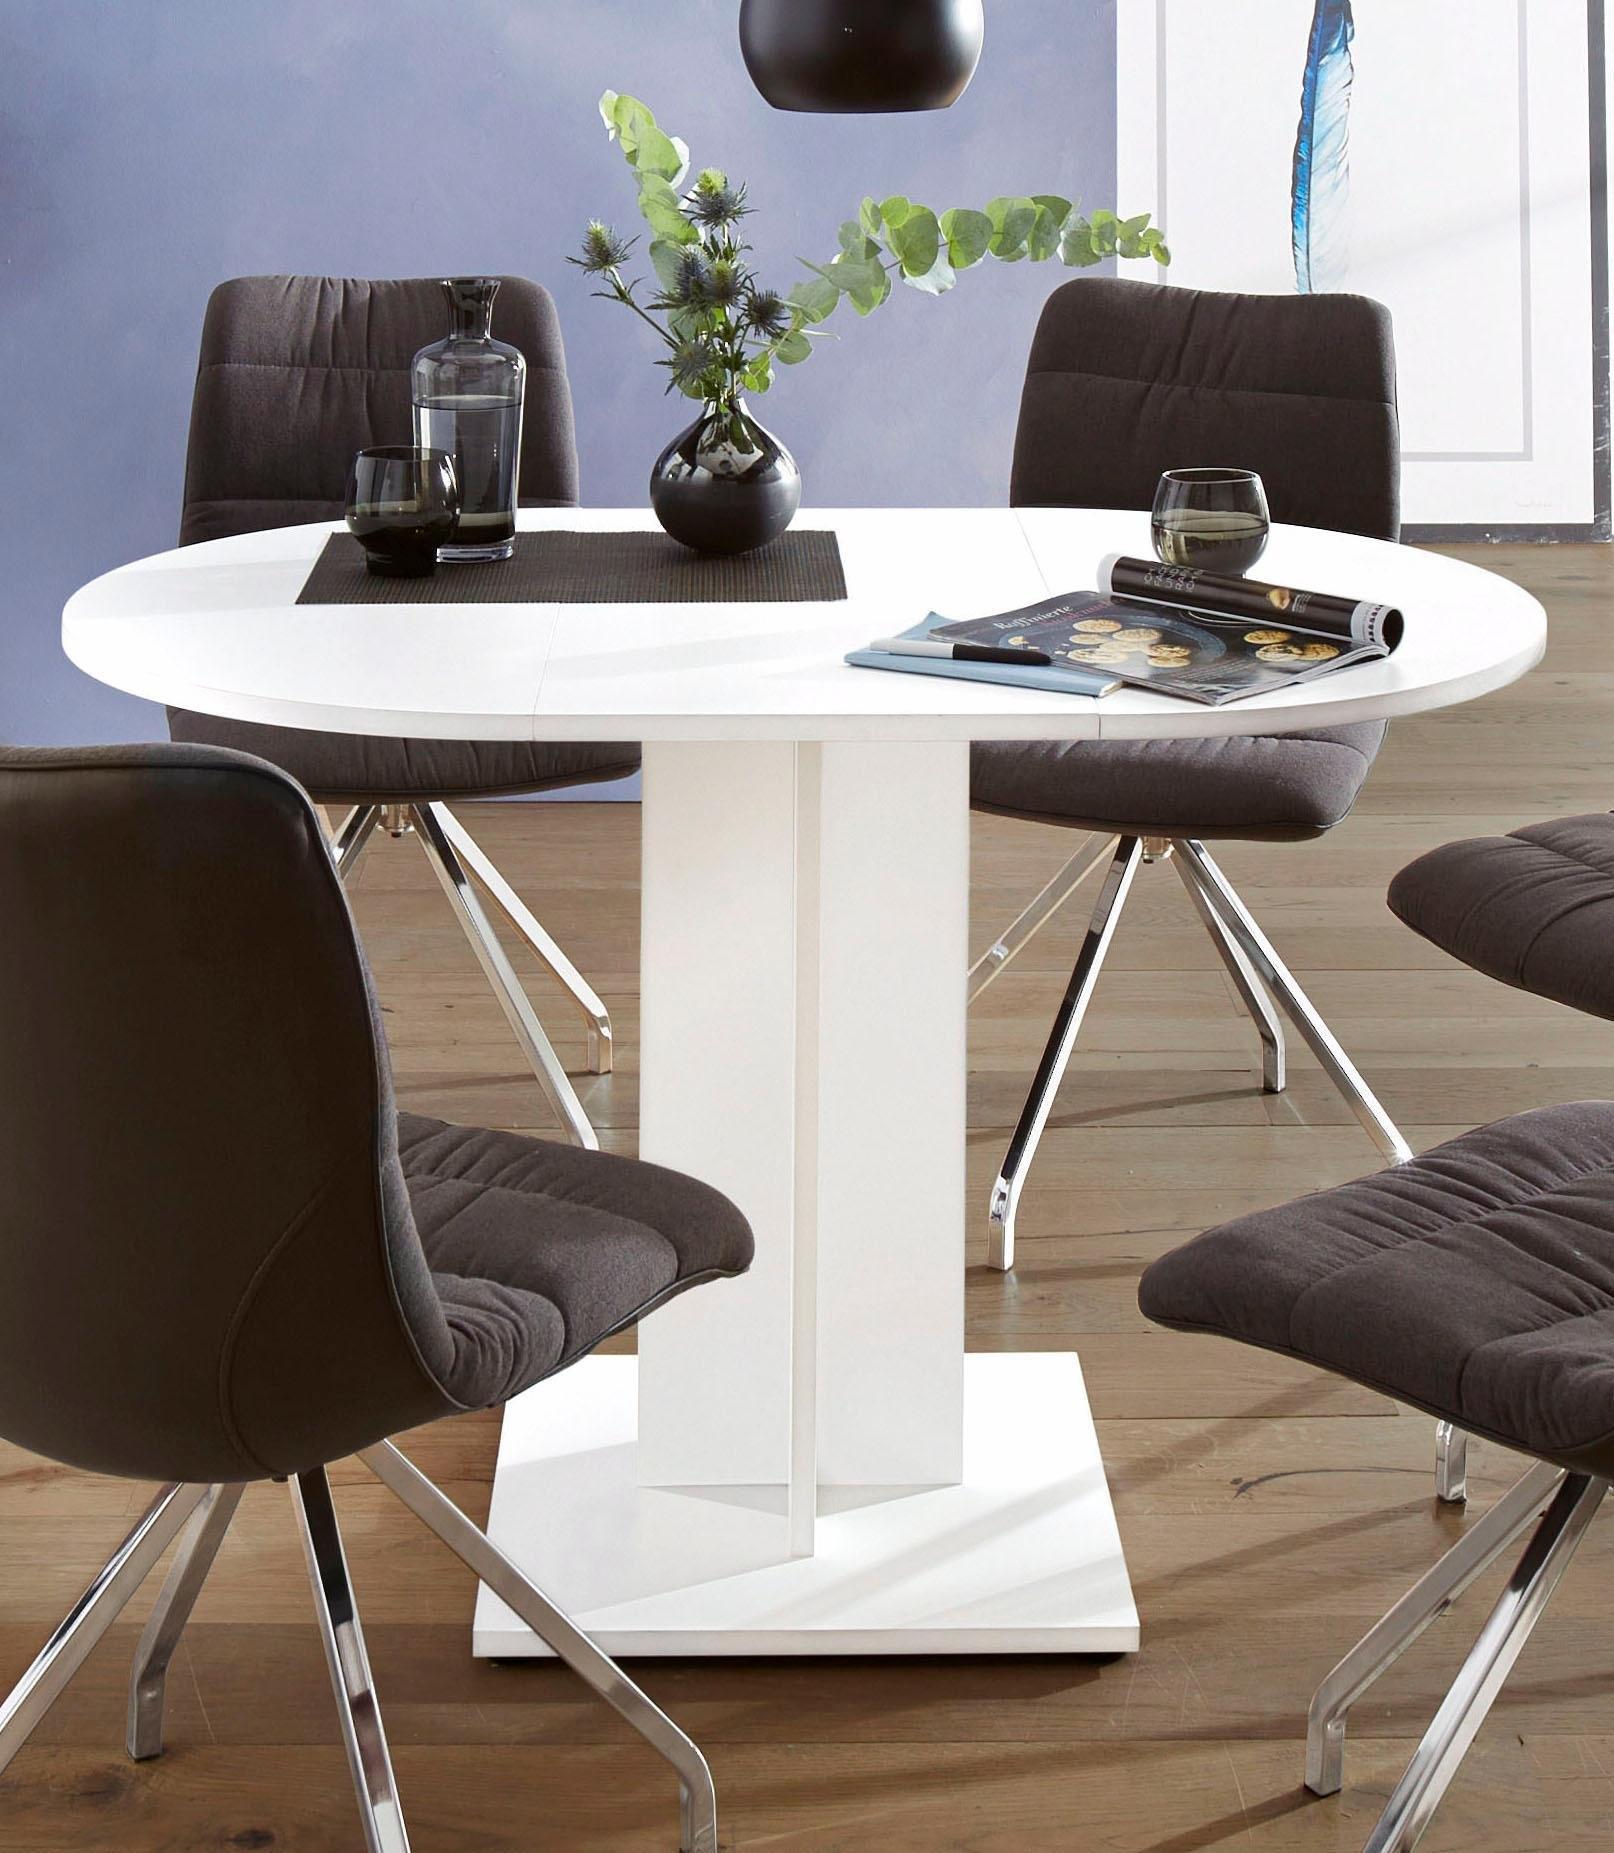 eettafel rond diameter 80 cm met uittrekfunctie online kopen otto. Black Bedroom Furniture Sets. Home Design Ideas